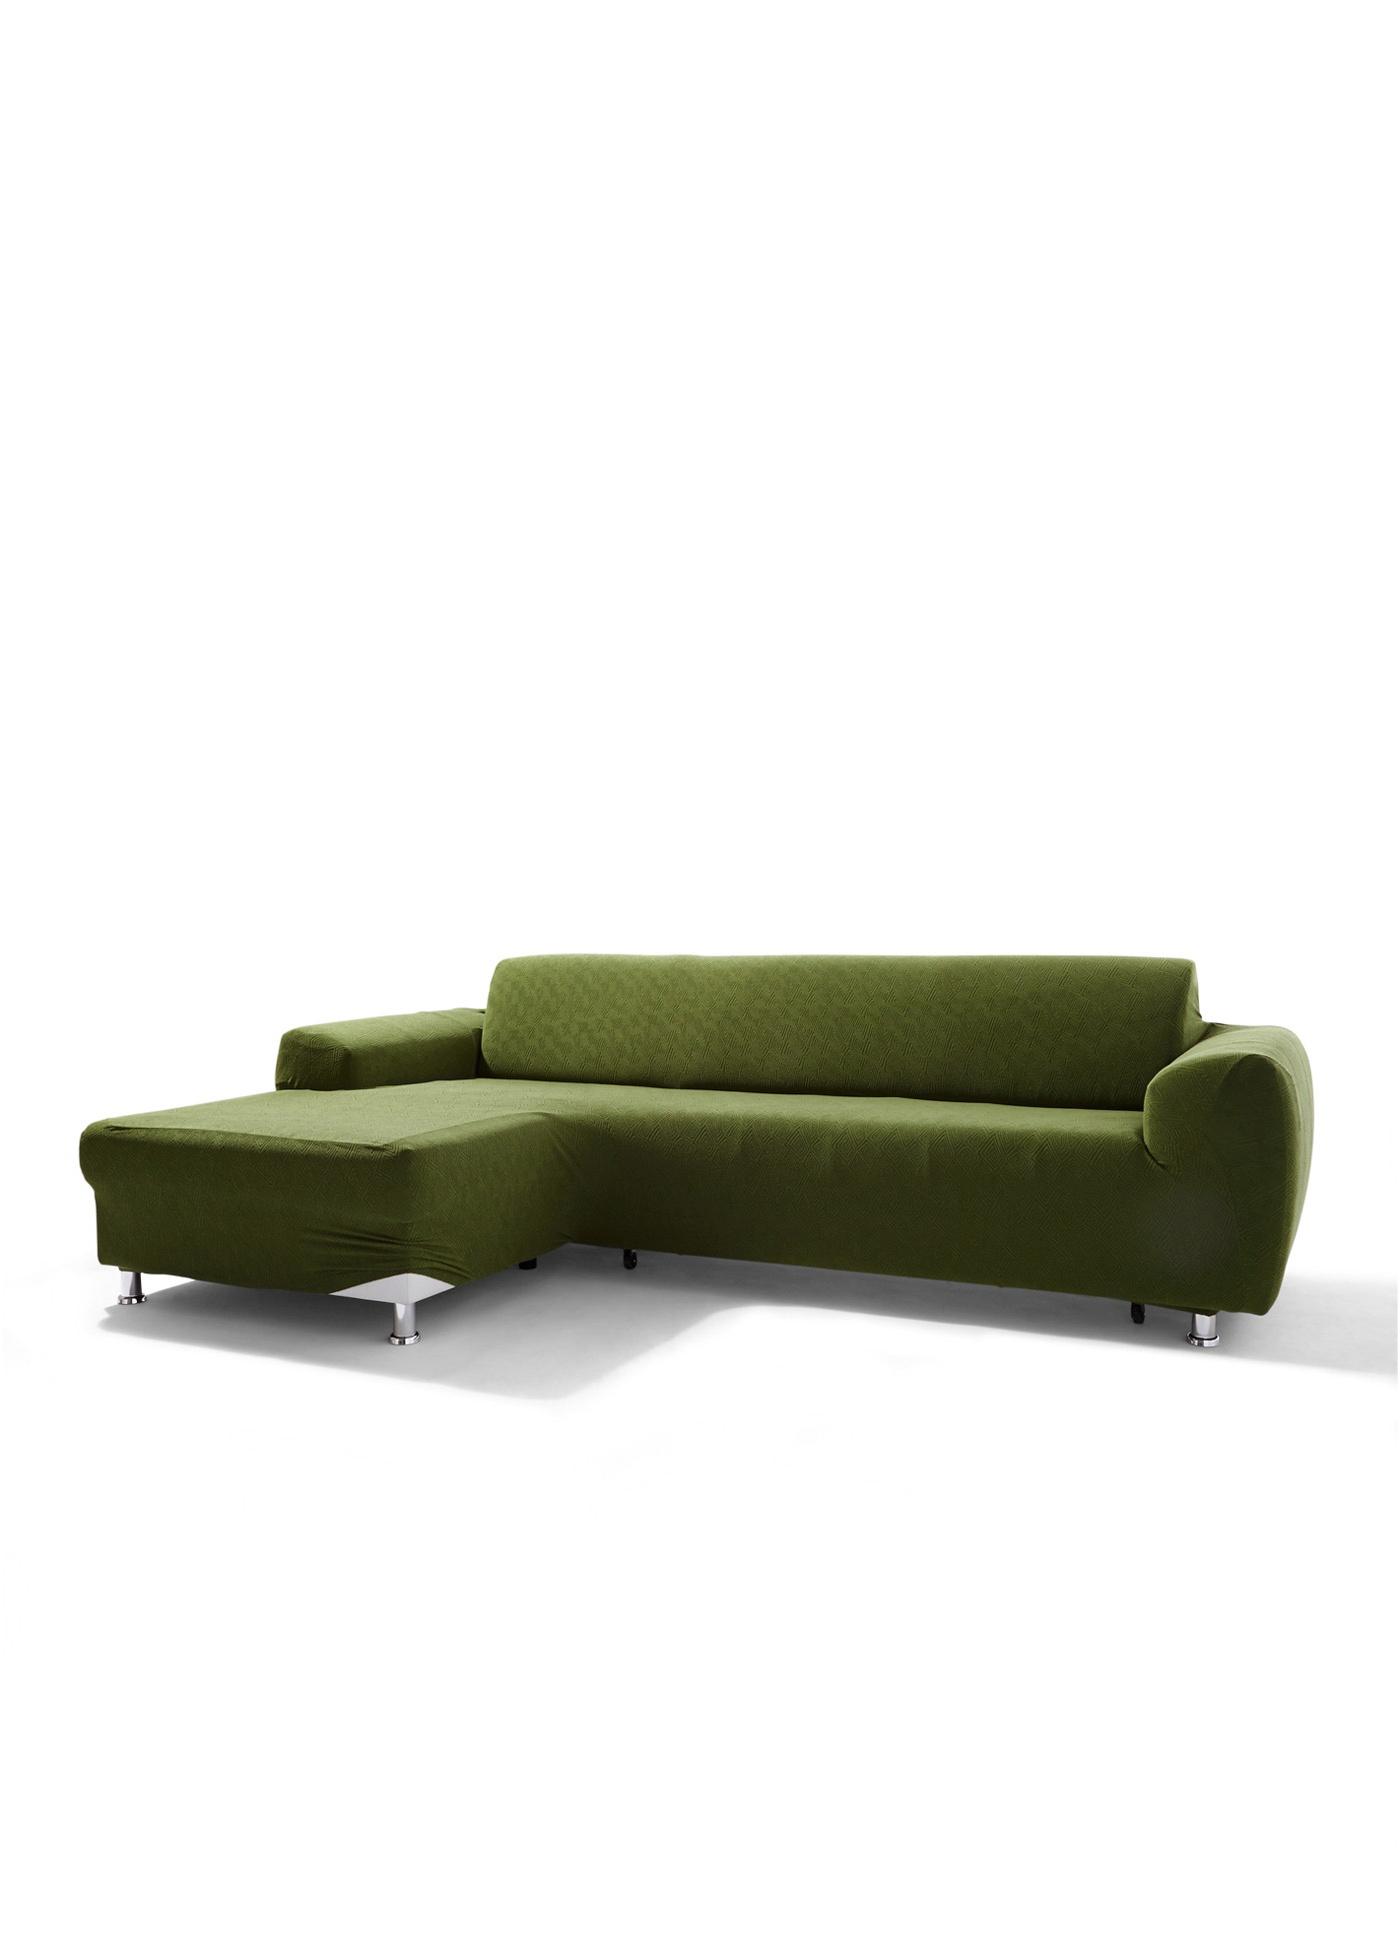 """Complète la gamme de housses Ethno. Adaptée pour un canapé avec ottomane et conçue pour des canapés d""""angle avec accoudoirs des deux côtés. La housse a une très bonne tenue. Elle est proposée dans des coloris chaleureux et disponible dans différentes"""